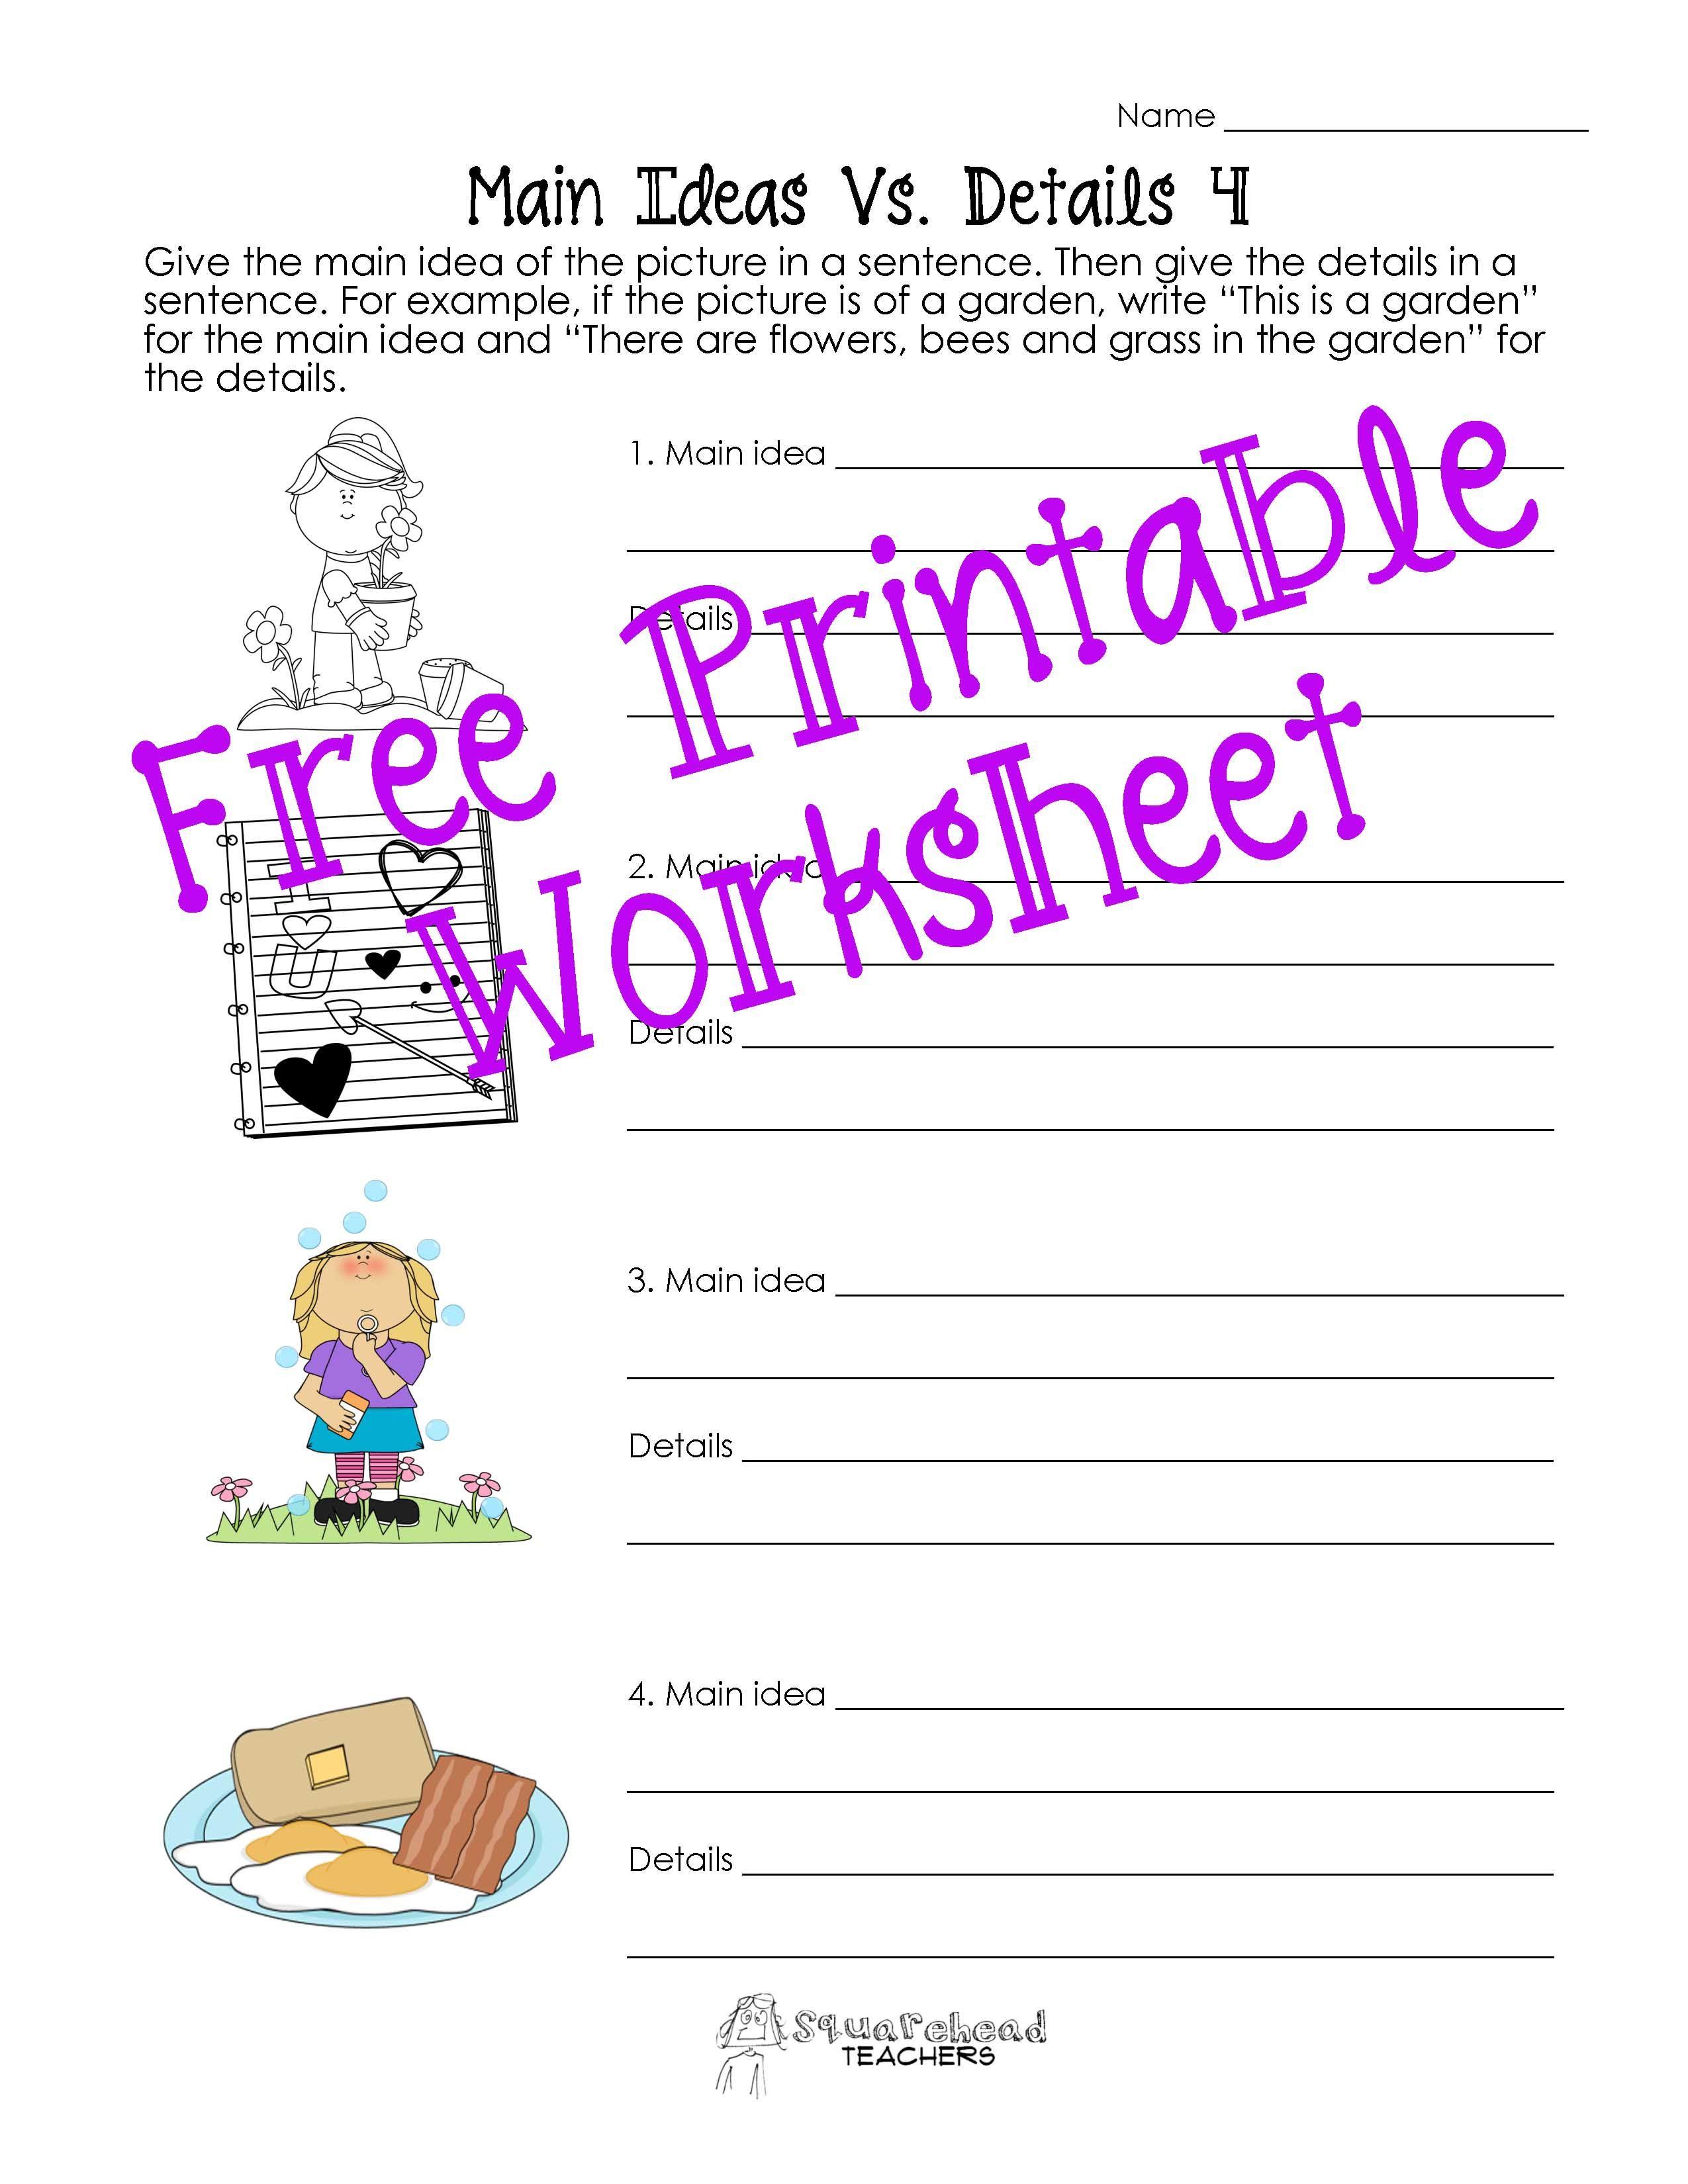 Main Idea Vs Details Worksheets Post 2 Main Idea Worksheet First Grade Worksheets Kindergarten Worksheets Printable